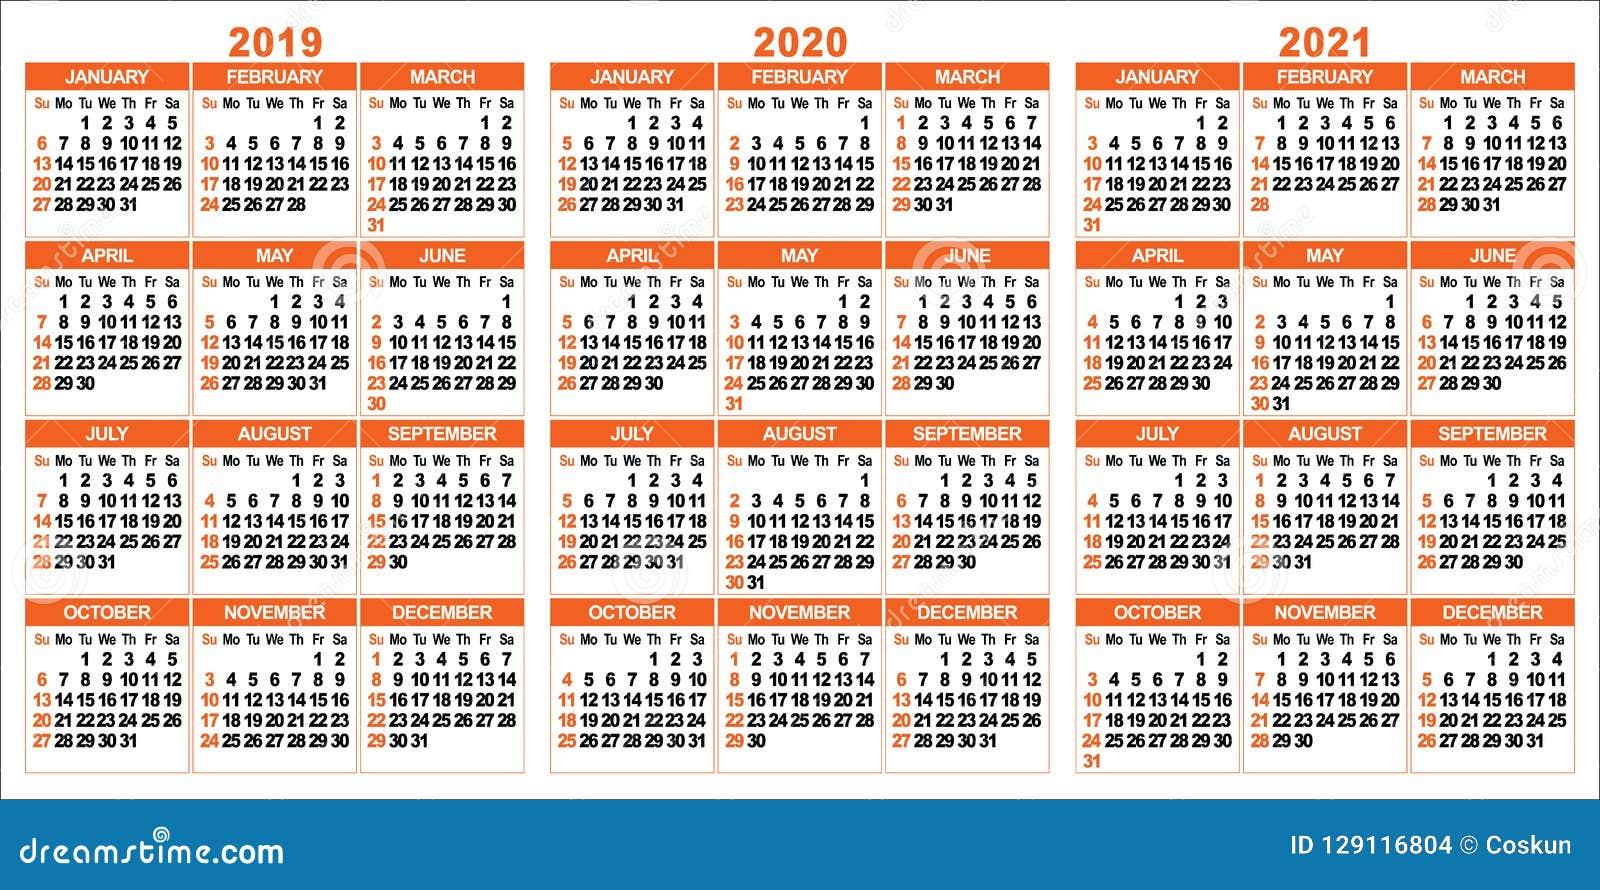 Calendrier 2021 Avec Semaine.Calendrier 2019 2020 2021 Ans Illustration De Vecteur